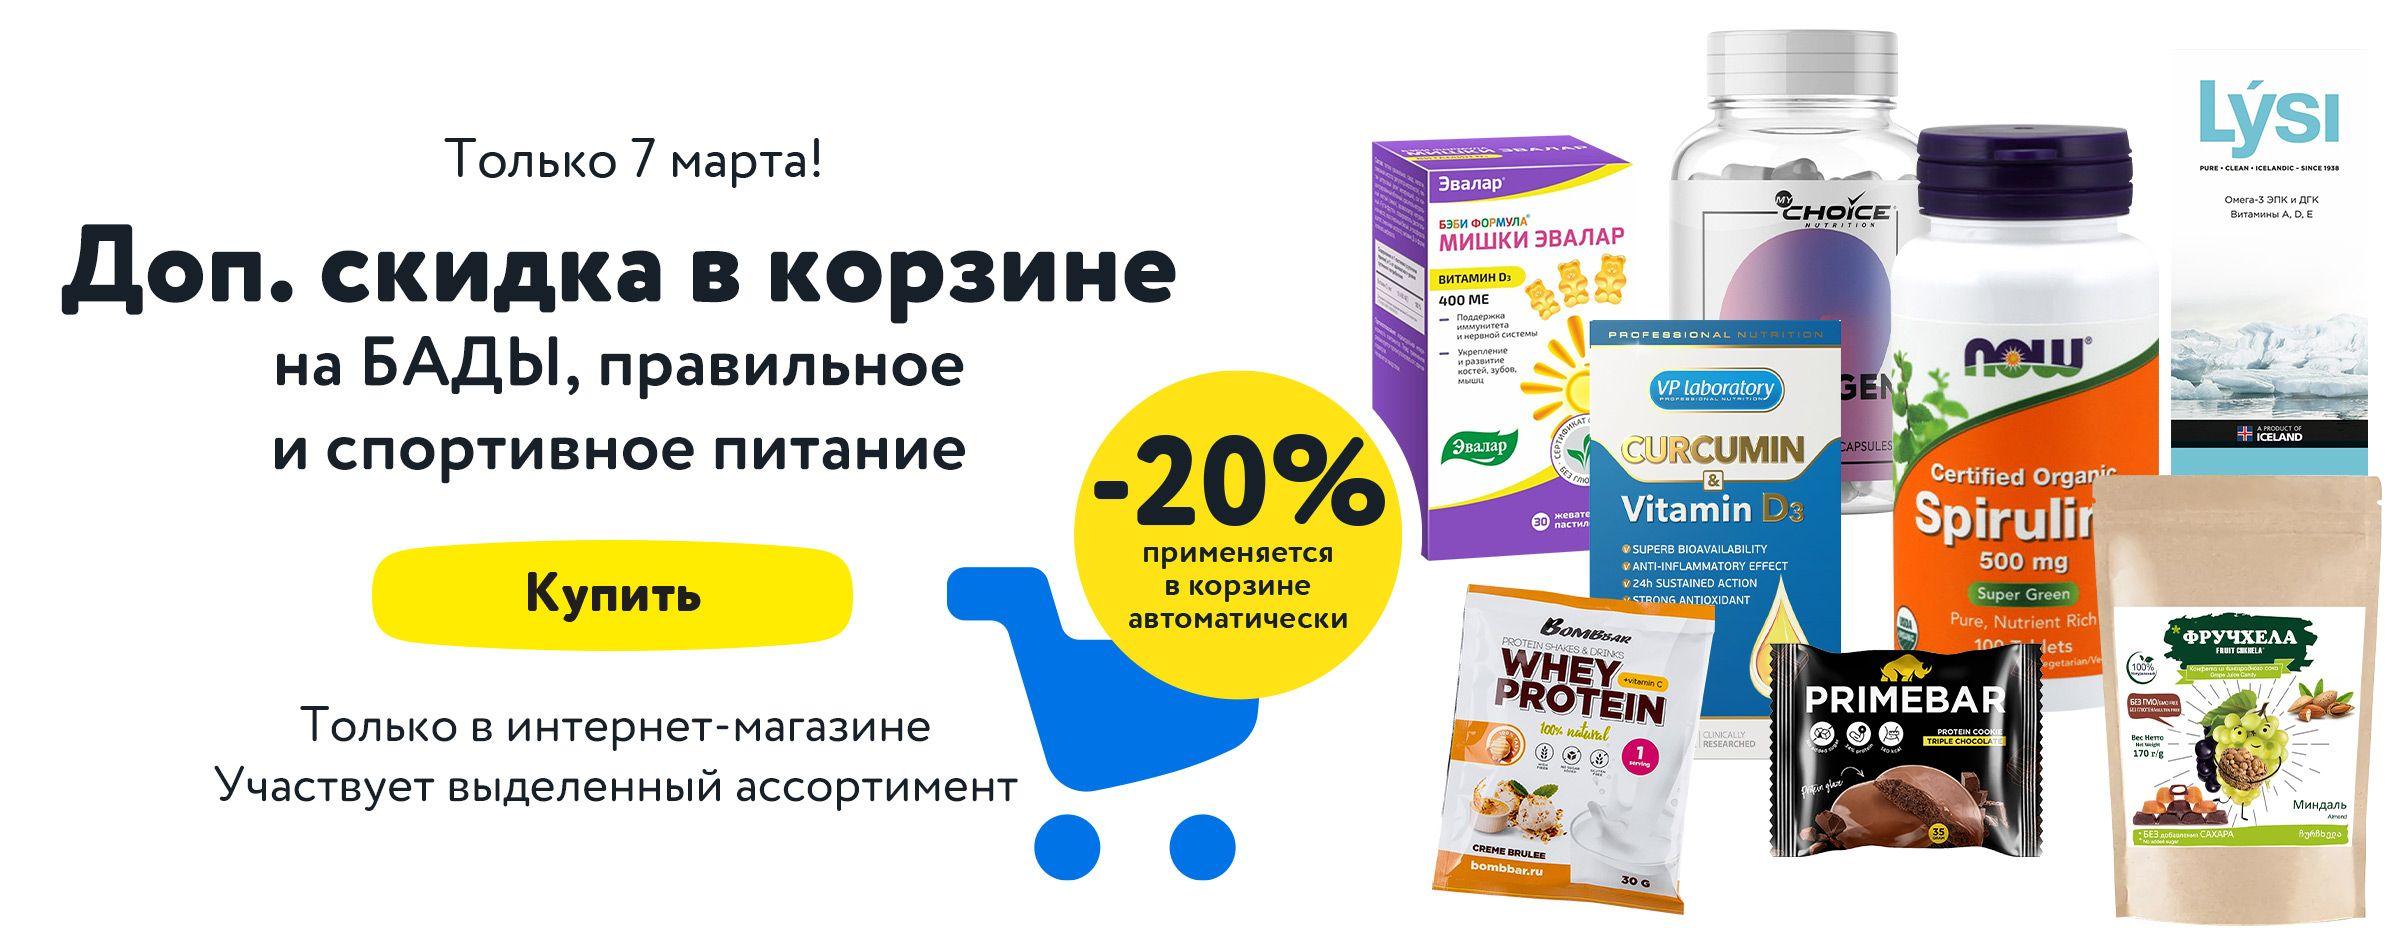 20% на все продукты для здоровья и спорта карусель + категория